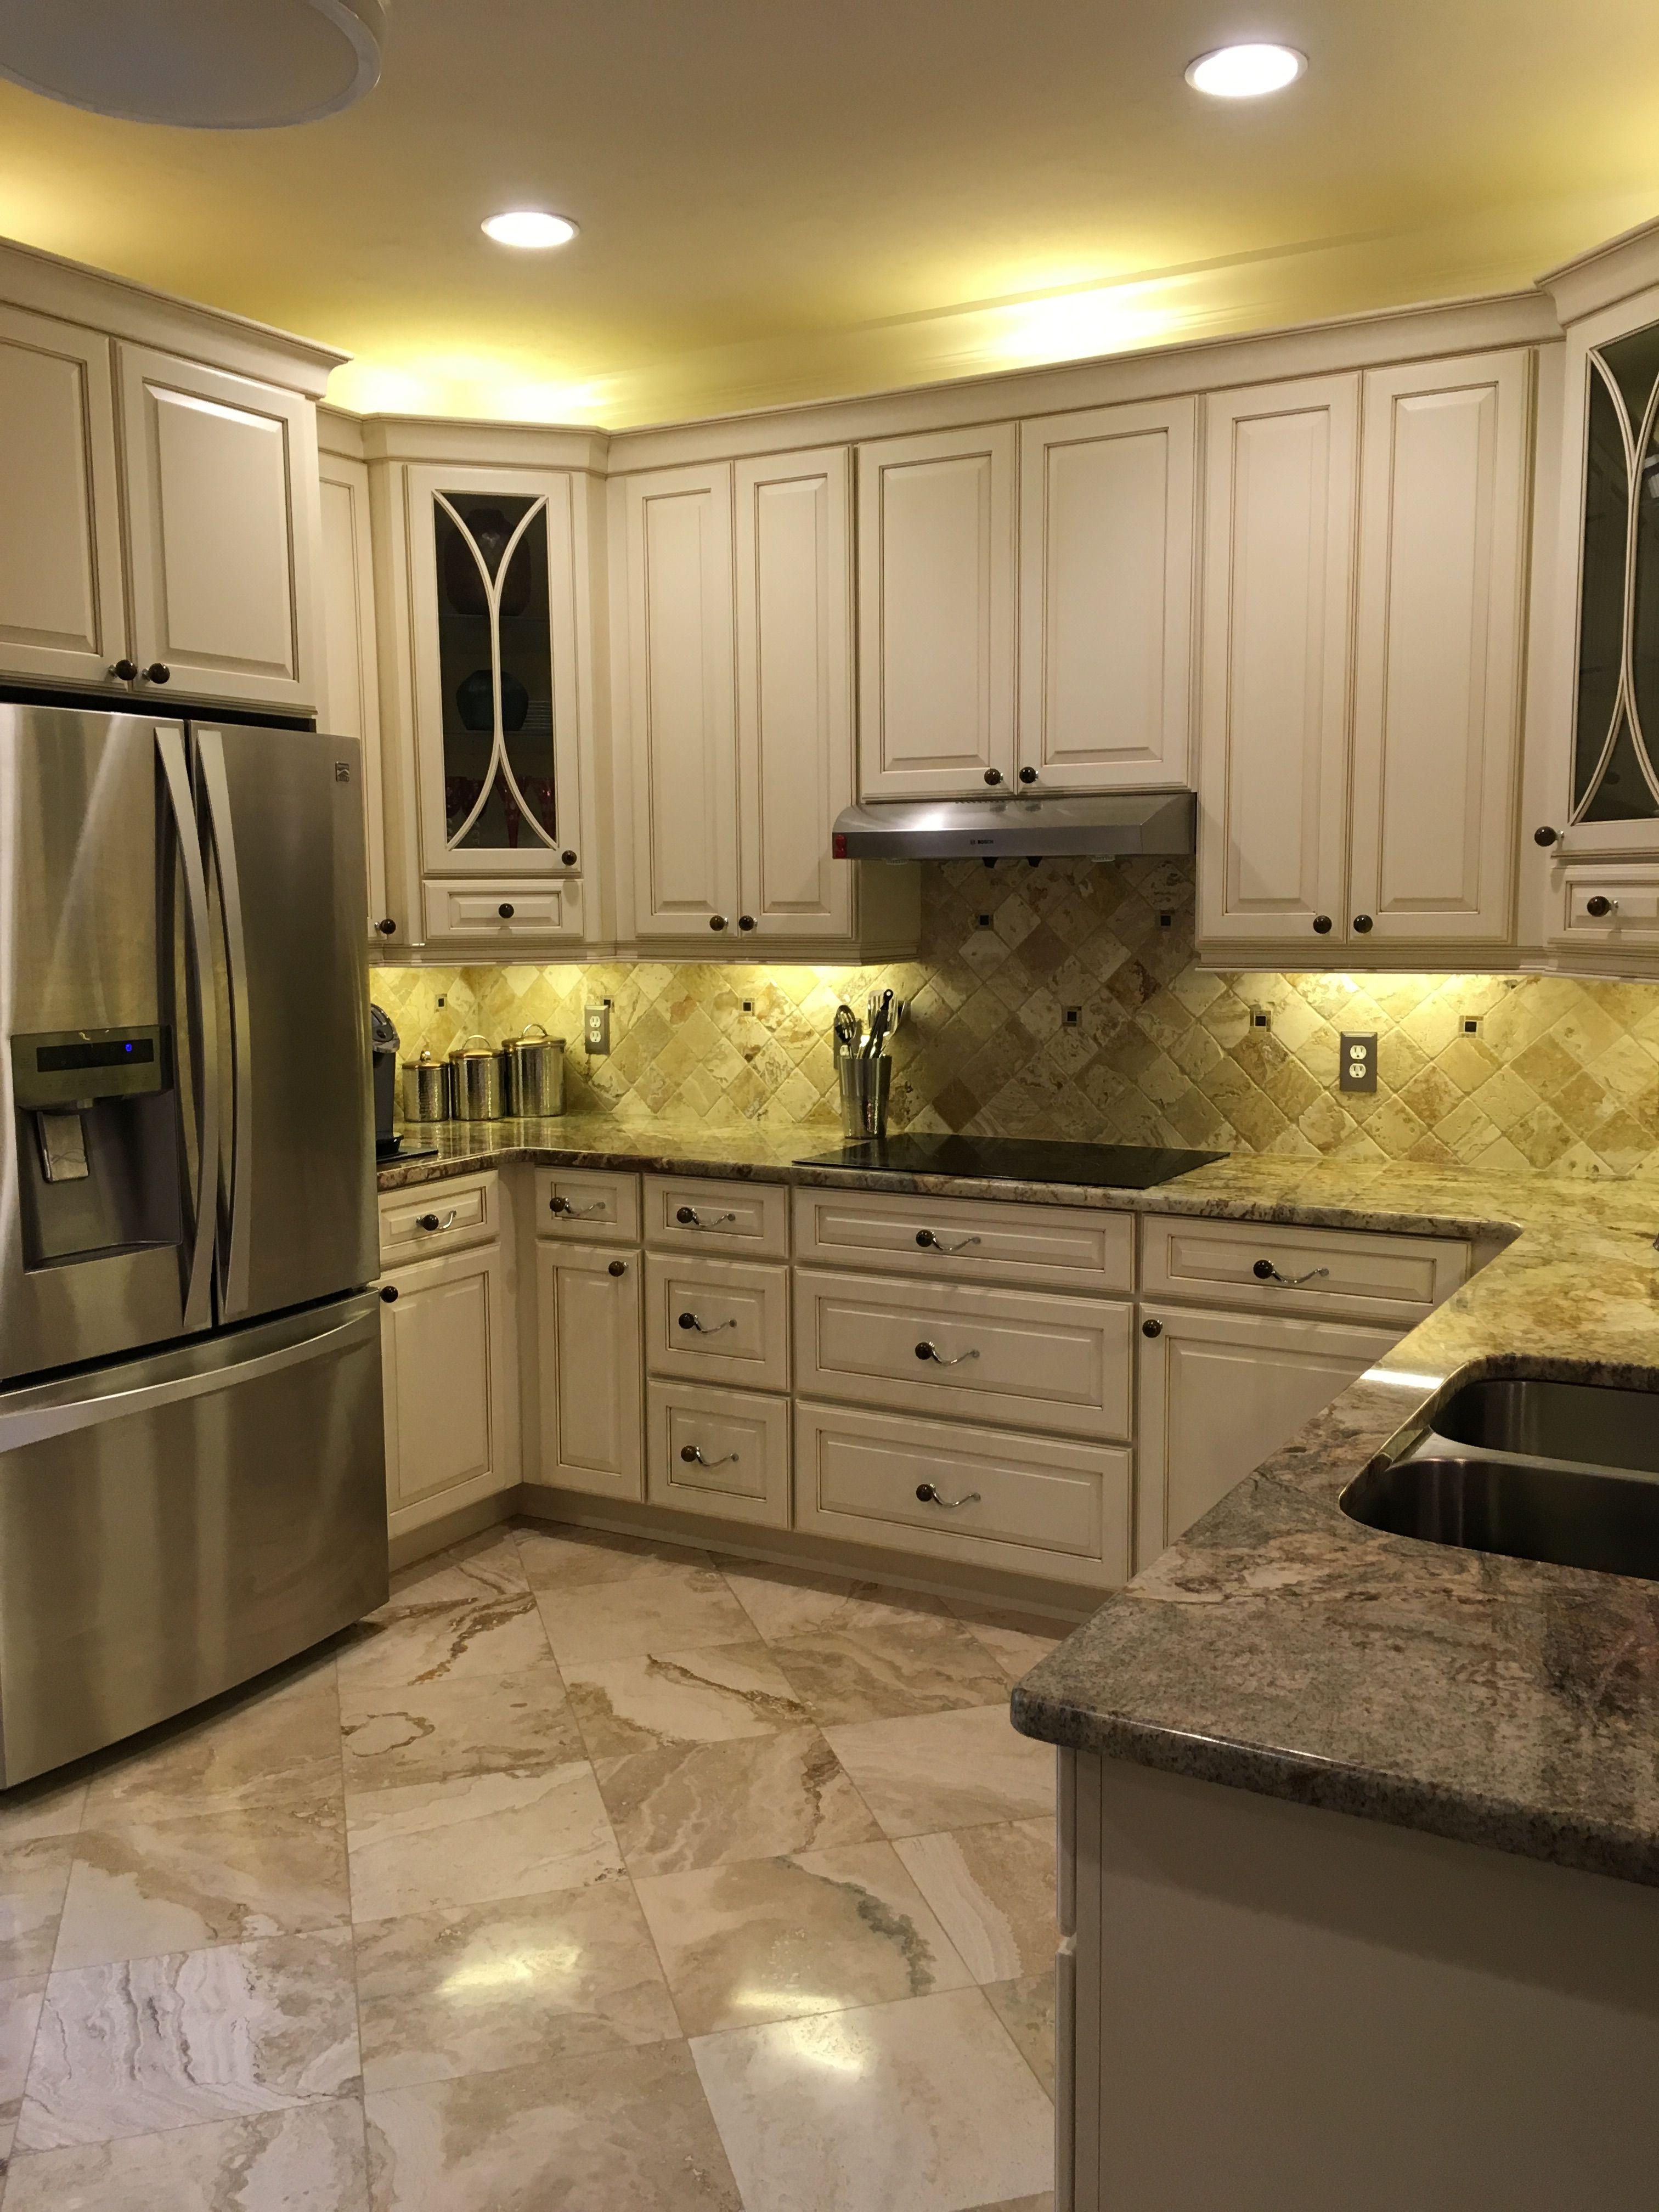 R R Kitchen Kitchen Kitchen Cabinets Home Decor